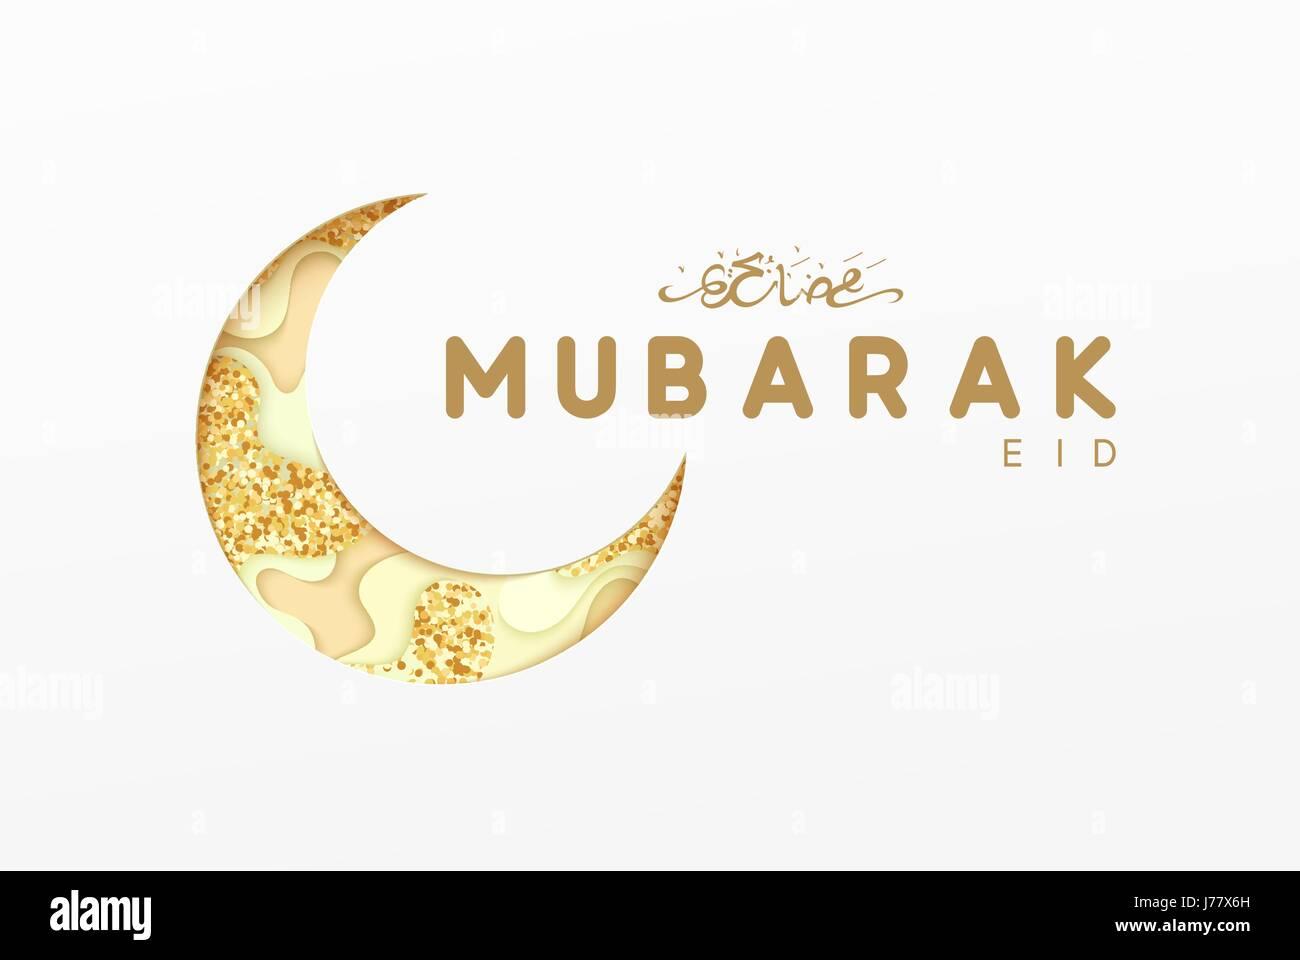 Eid mubarak greeting card with arabic calligraphy ramadan kareem eid mubarak greeting card with arabic calligraphy ramadan kareem m4hsunfo